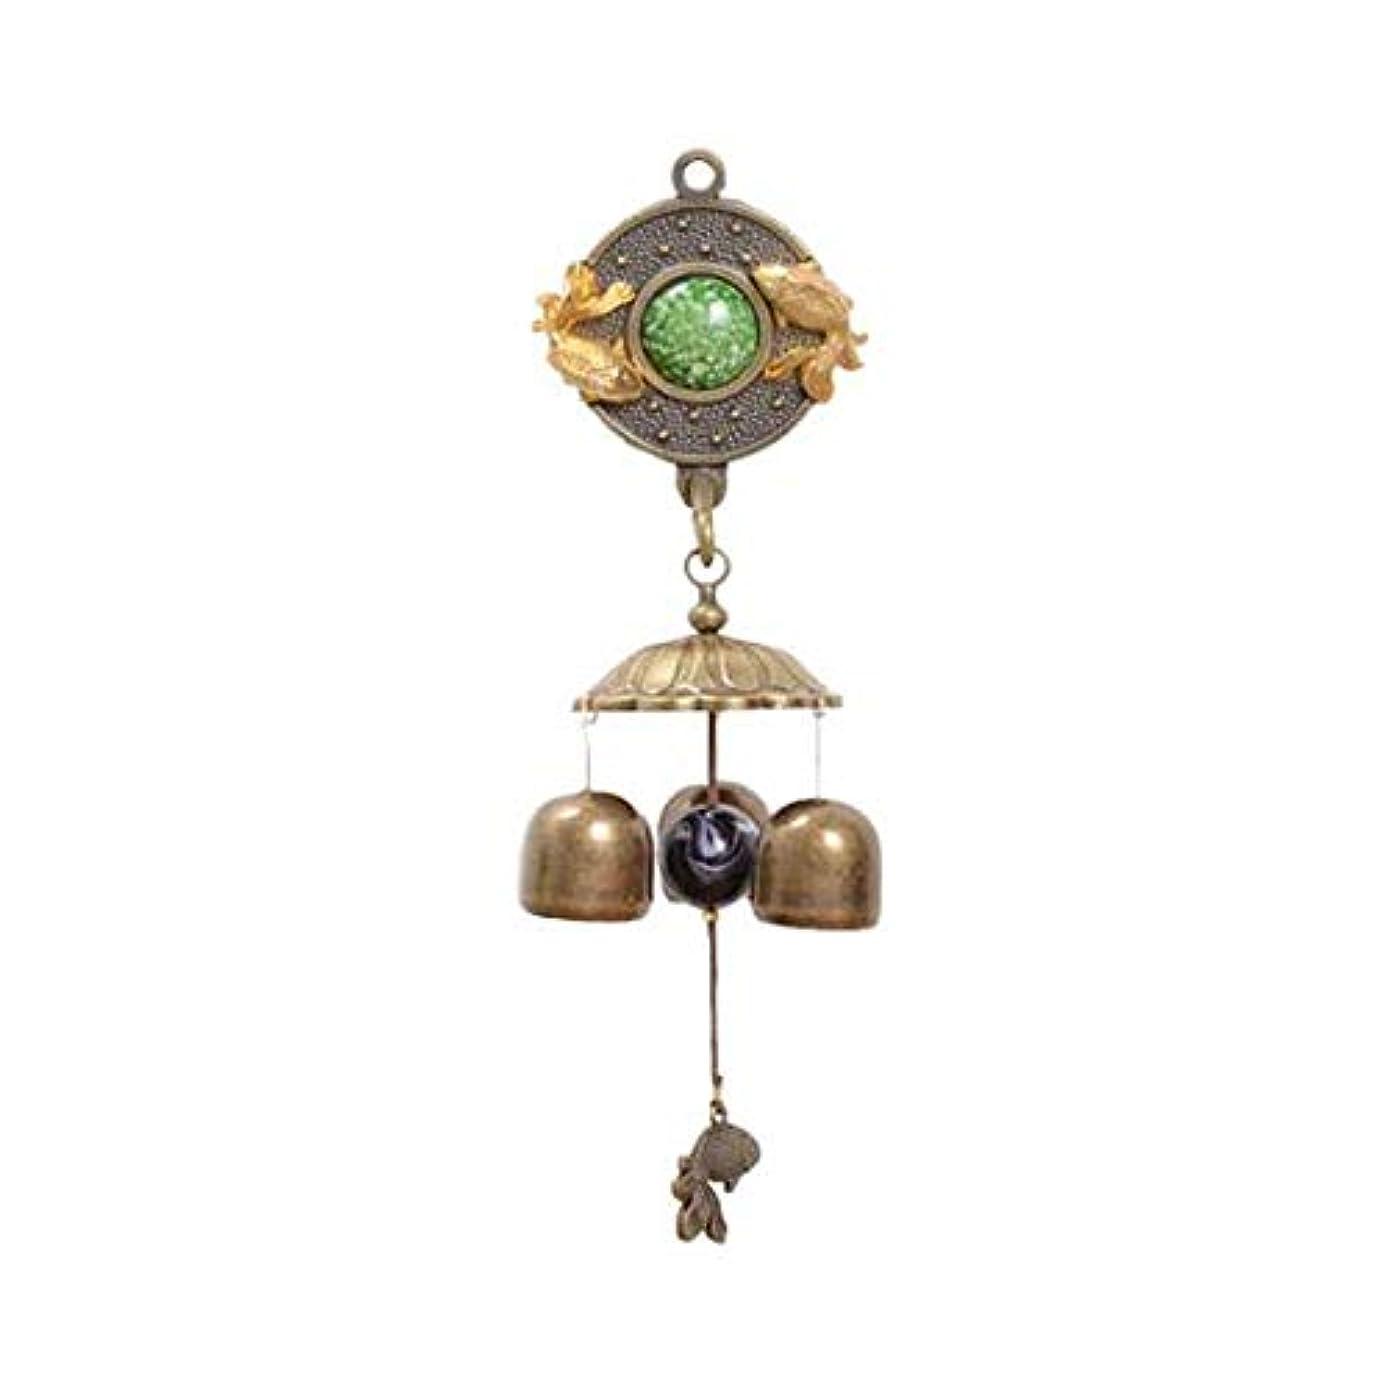 世界の窓認知ピジン風チャイム、3つの純銅ベル、ホームデコレーション、Jubaofuバッグメタル自吸式風チャイム、 (Color : 1, Size : 25cm)